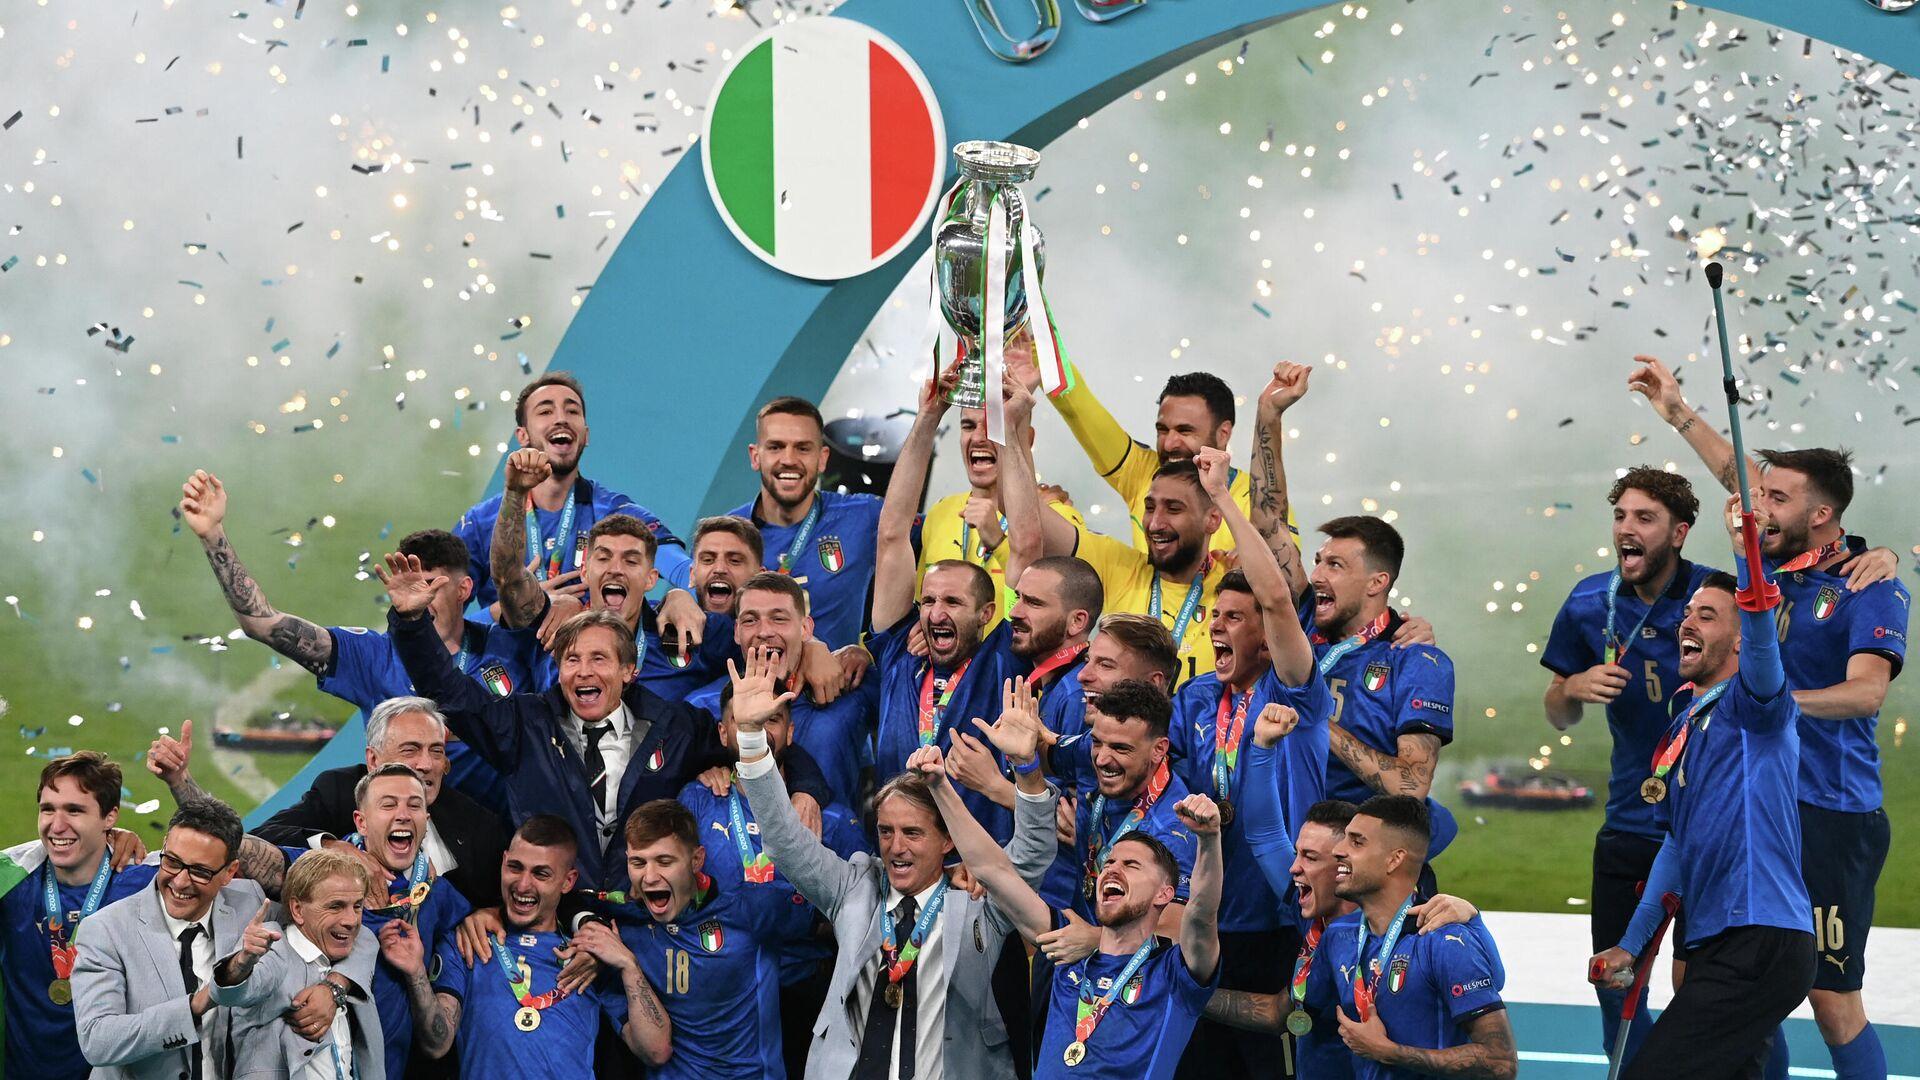 Футболисты сборной Италии - РИА Новости, 1920, 12.07.2021